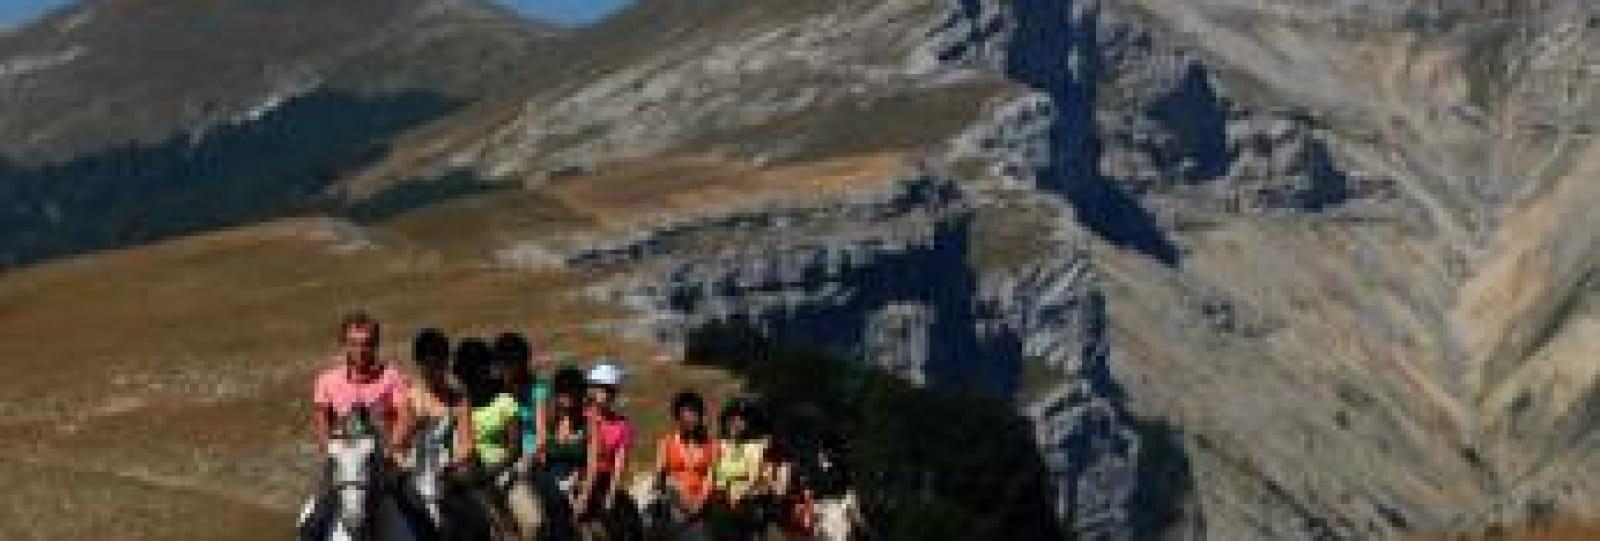 Rando équestre itinérante Juniors (13-17 ans) sur les plateaux du Vercors